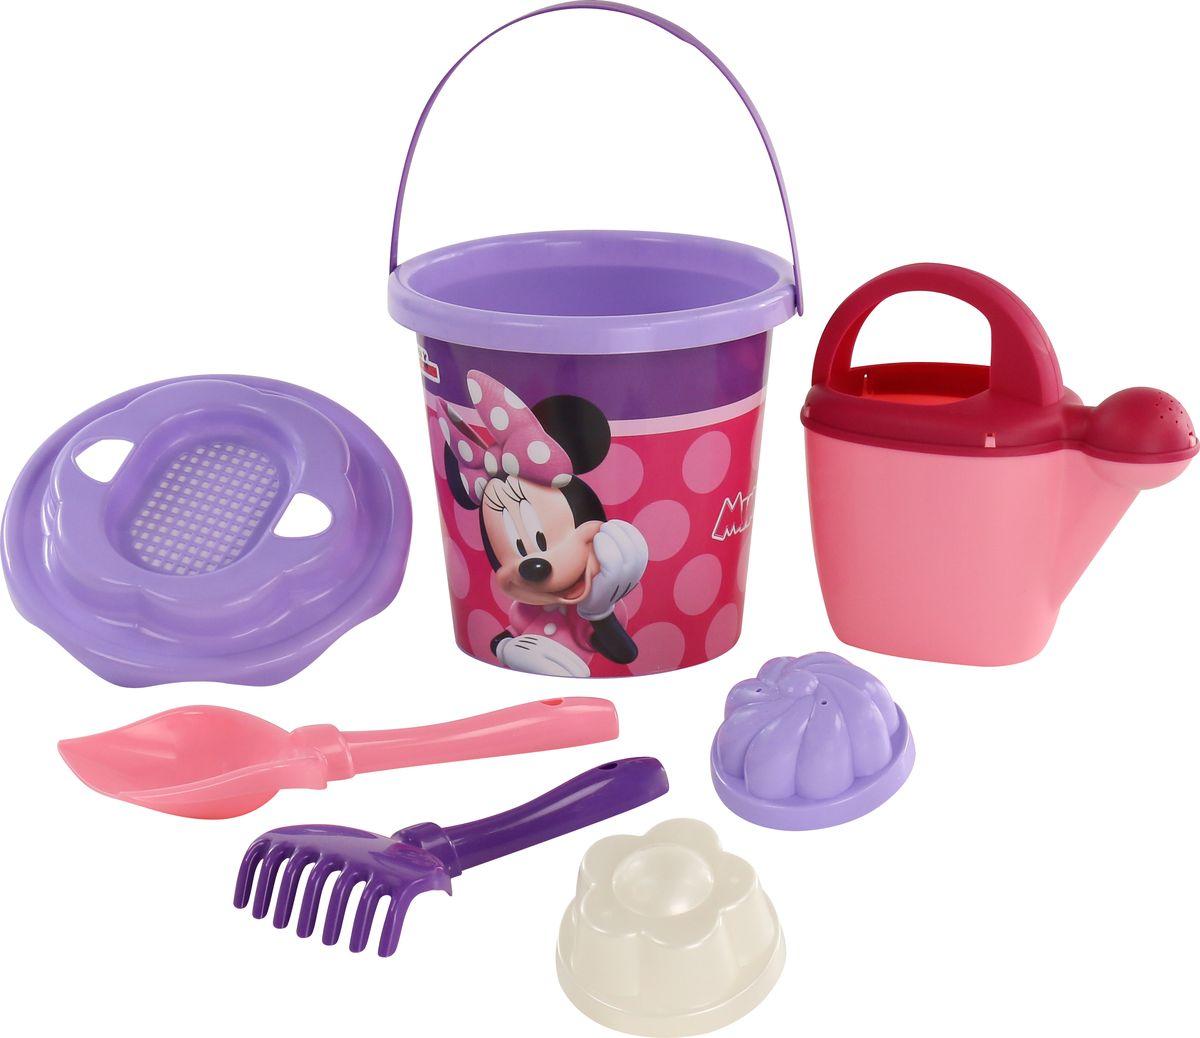 Disney Набор игрушек для песочницы Минни №12, 7 предметов, цвет в ассортименте disney набор игрушек для песочницы минни 4 цвет в ассортименте